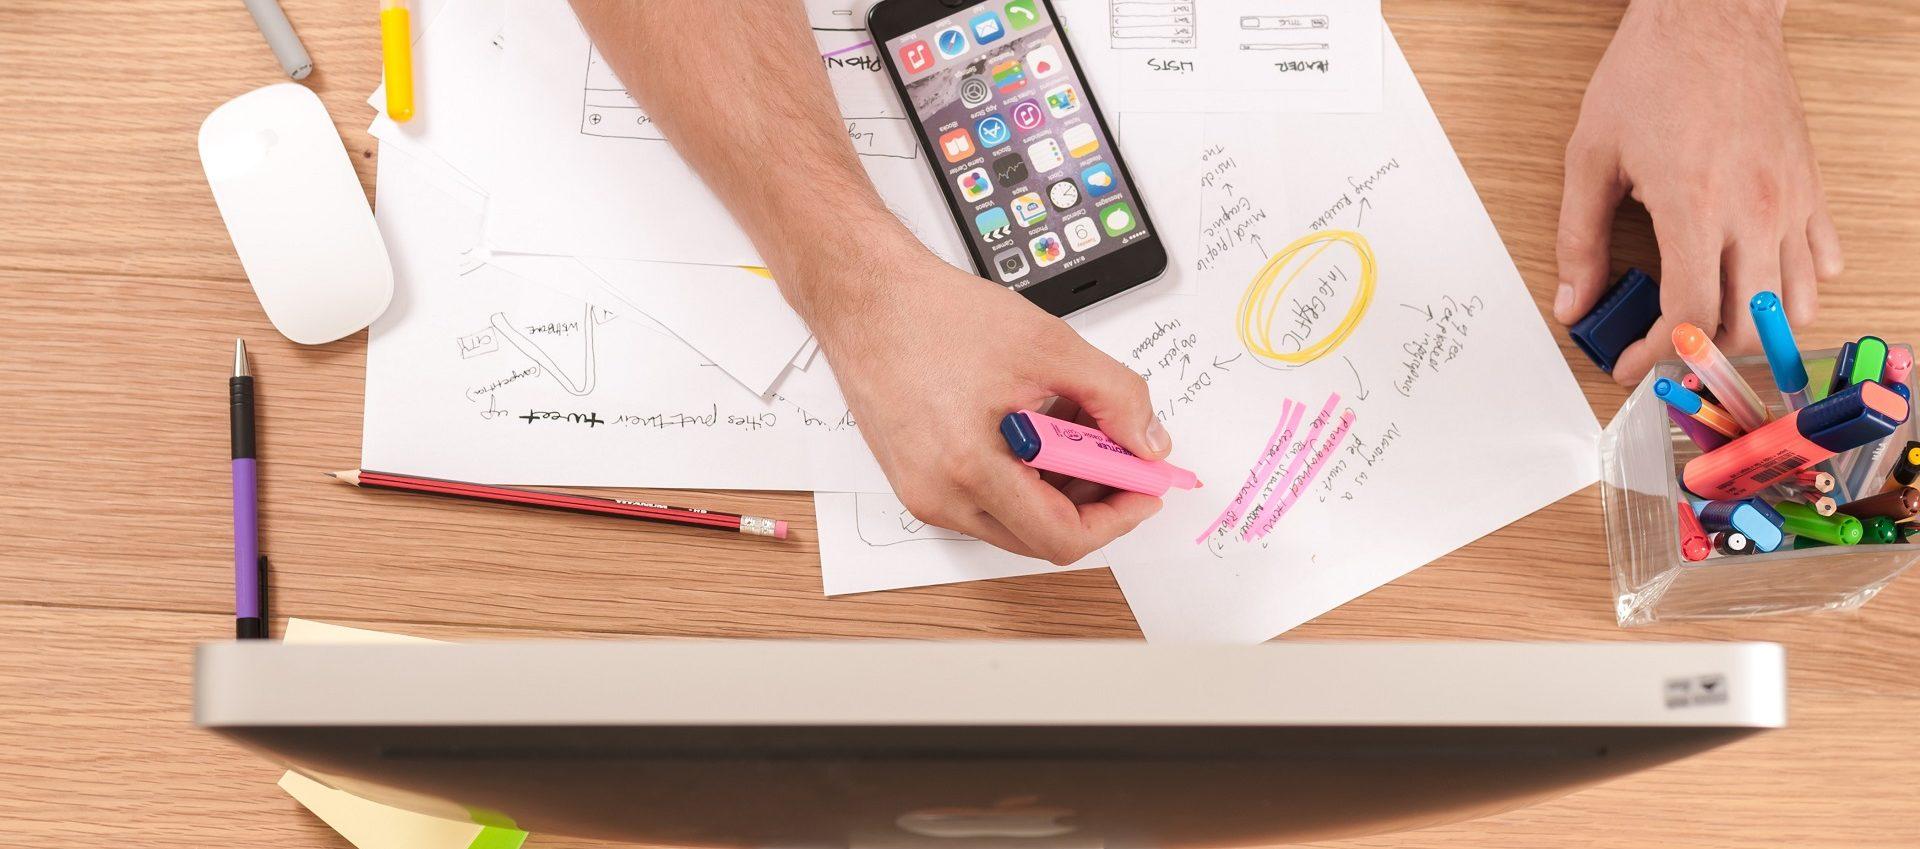 rozwijać firmę, rozwijać dział, rozwijanie działu, rozwijanie firmy,rozwój działu, rozwój firmy, jak skutecznie rozwijać dział, jak skutecznie rozwijać firmę, jak rozwijać dział, jak rozwijać firmę